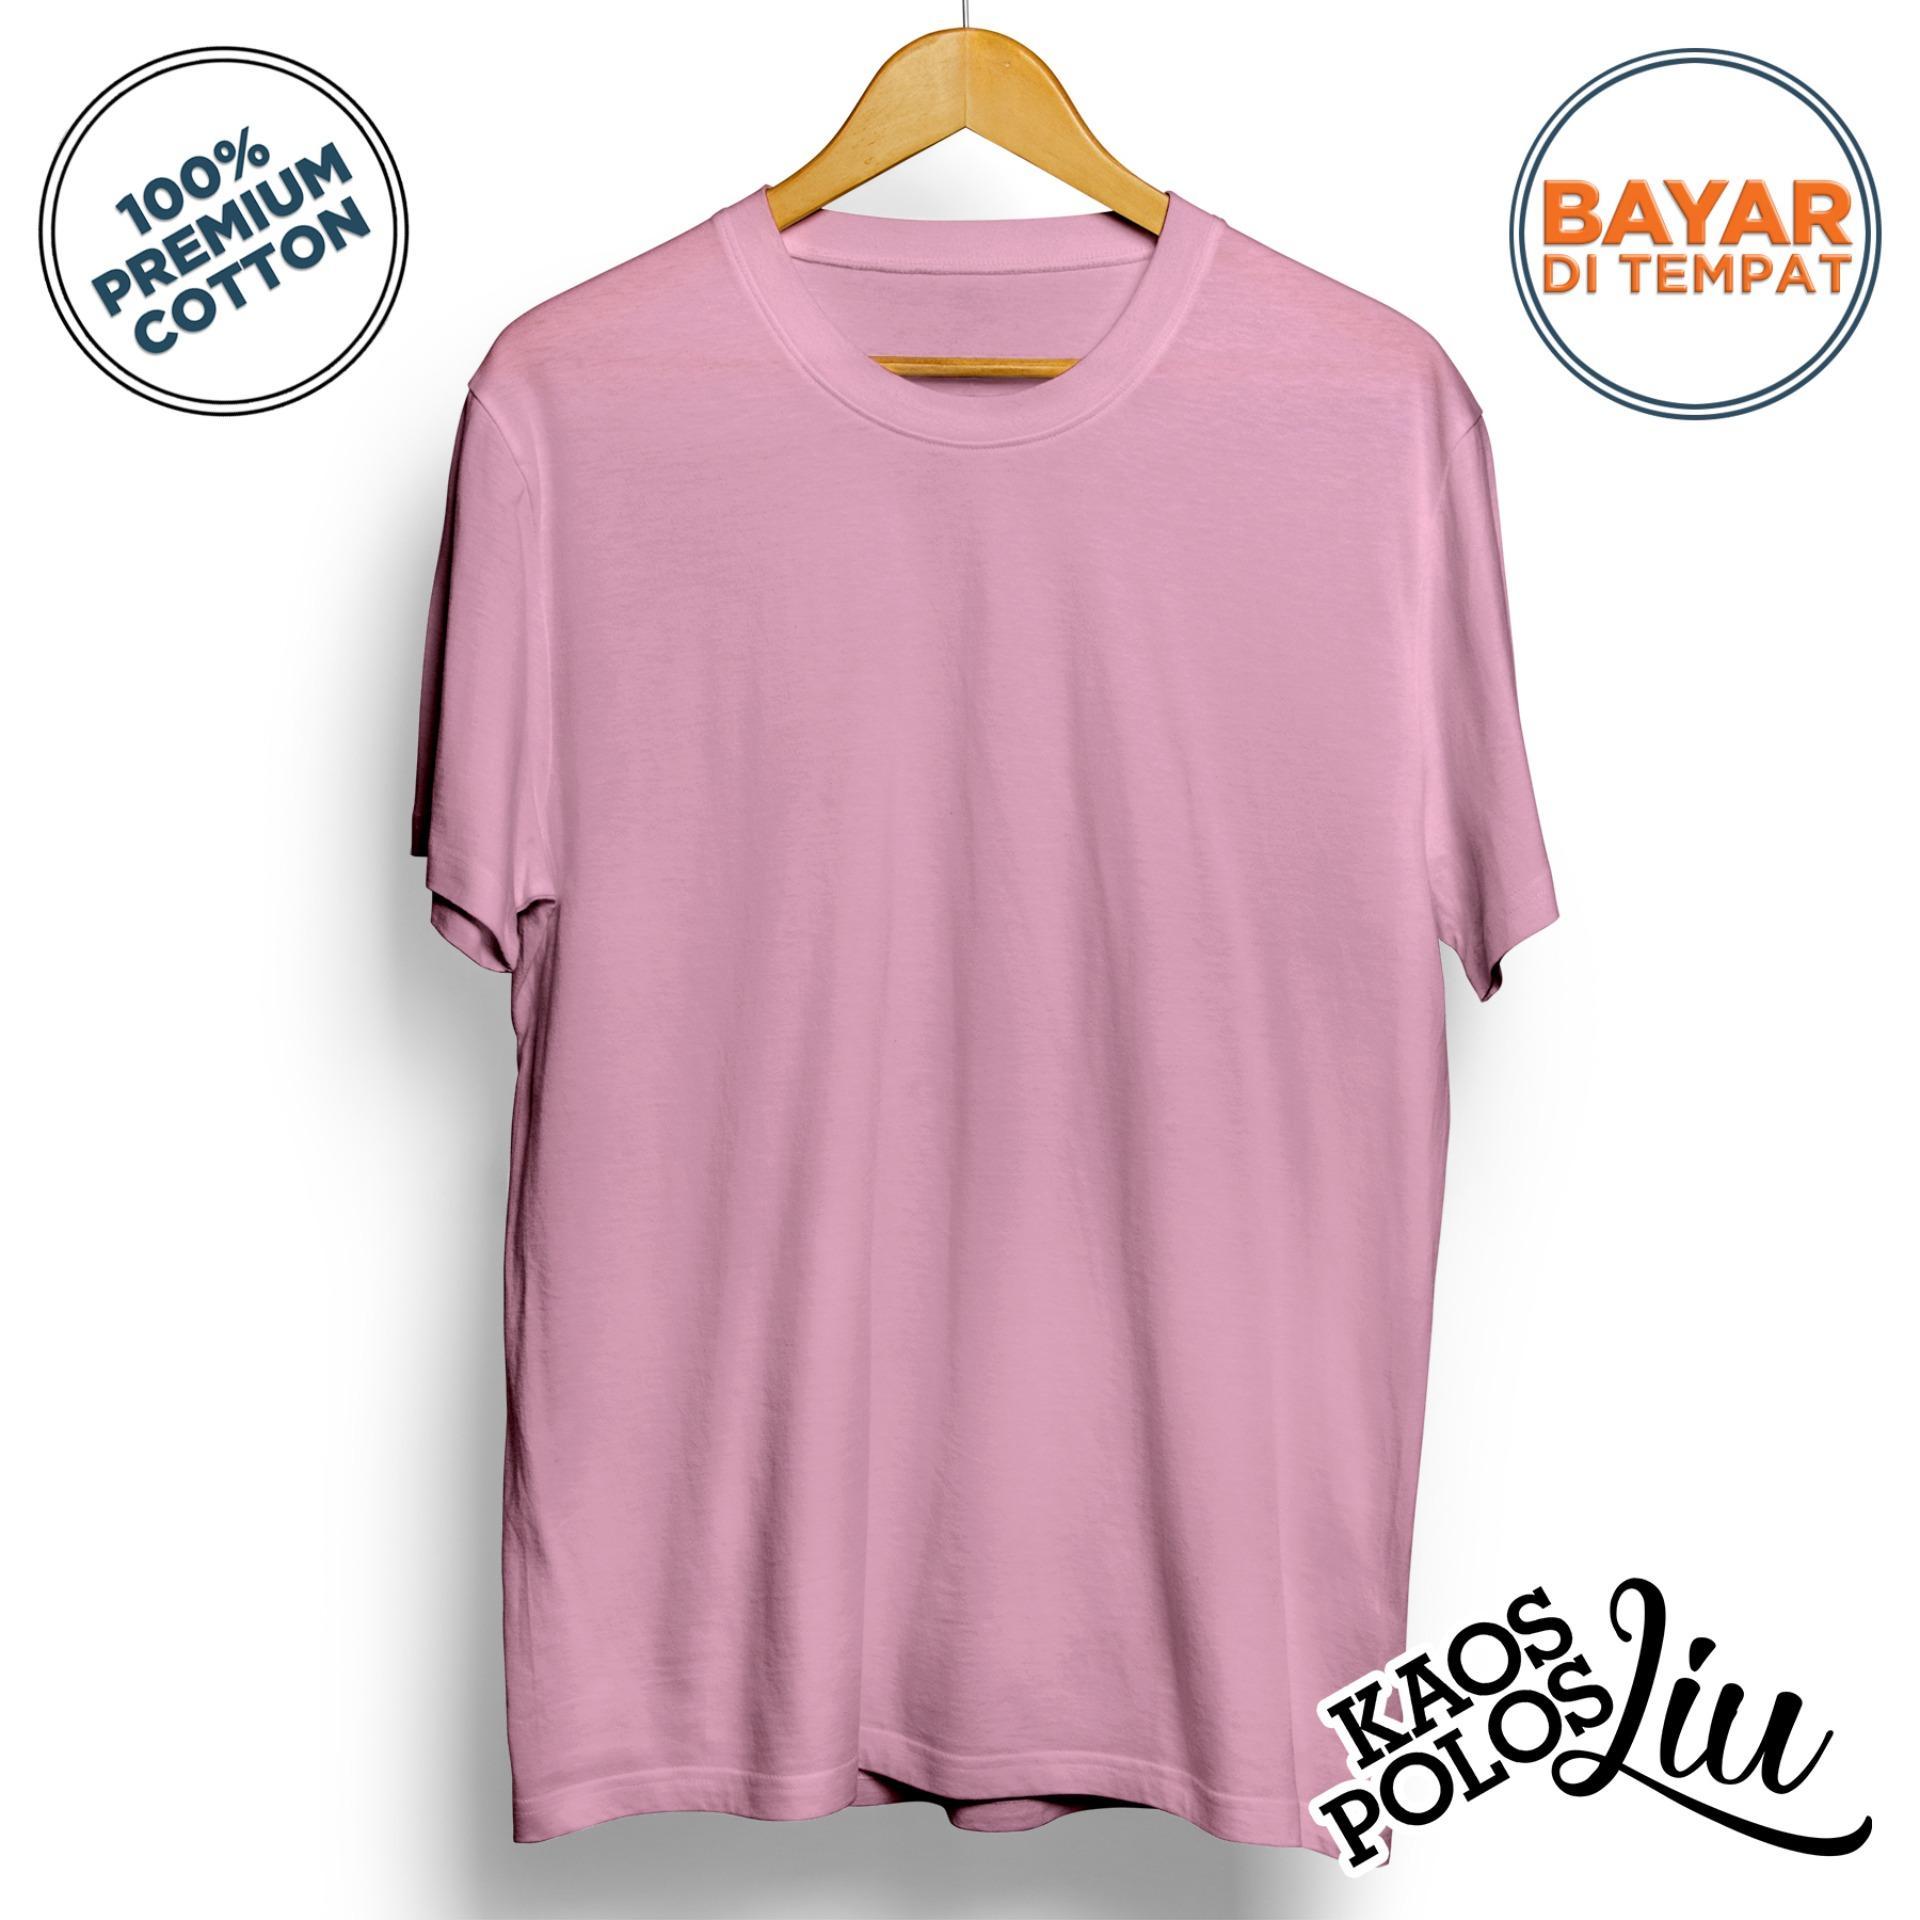 Jual Produk Kaos Polos Online Terbaru Di Pria Katun Combed 30s Lengan Panjang Warna Merah Marun